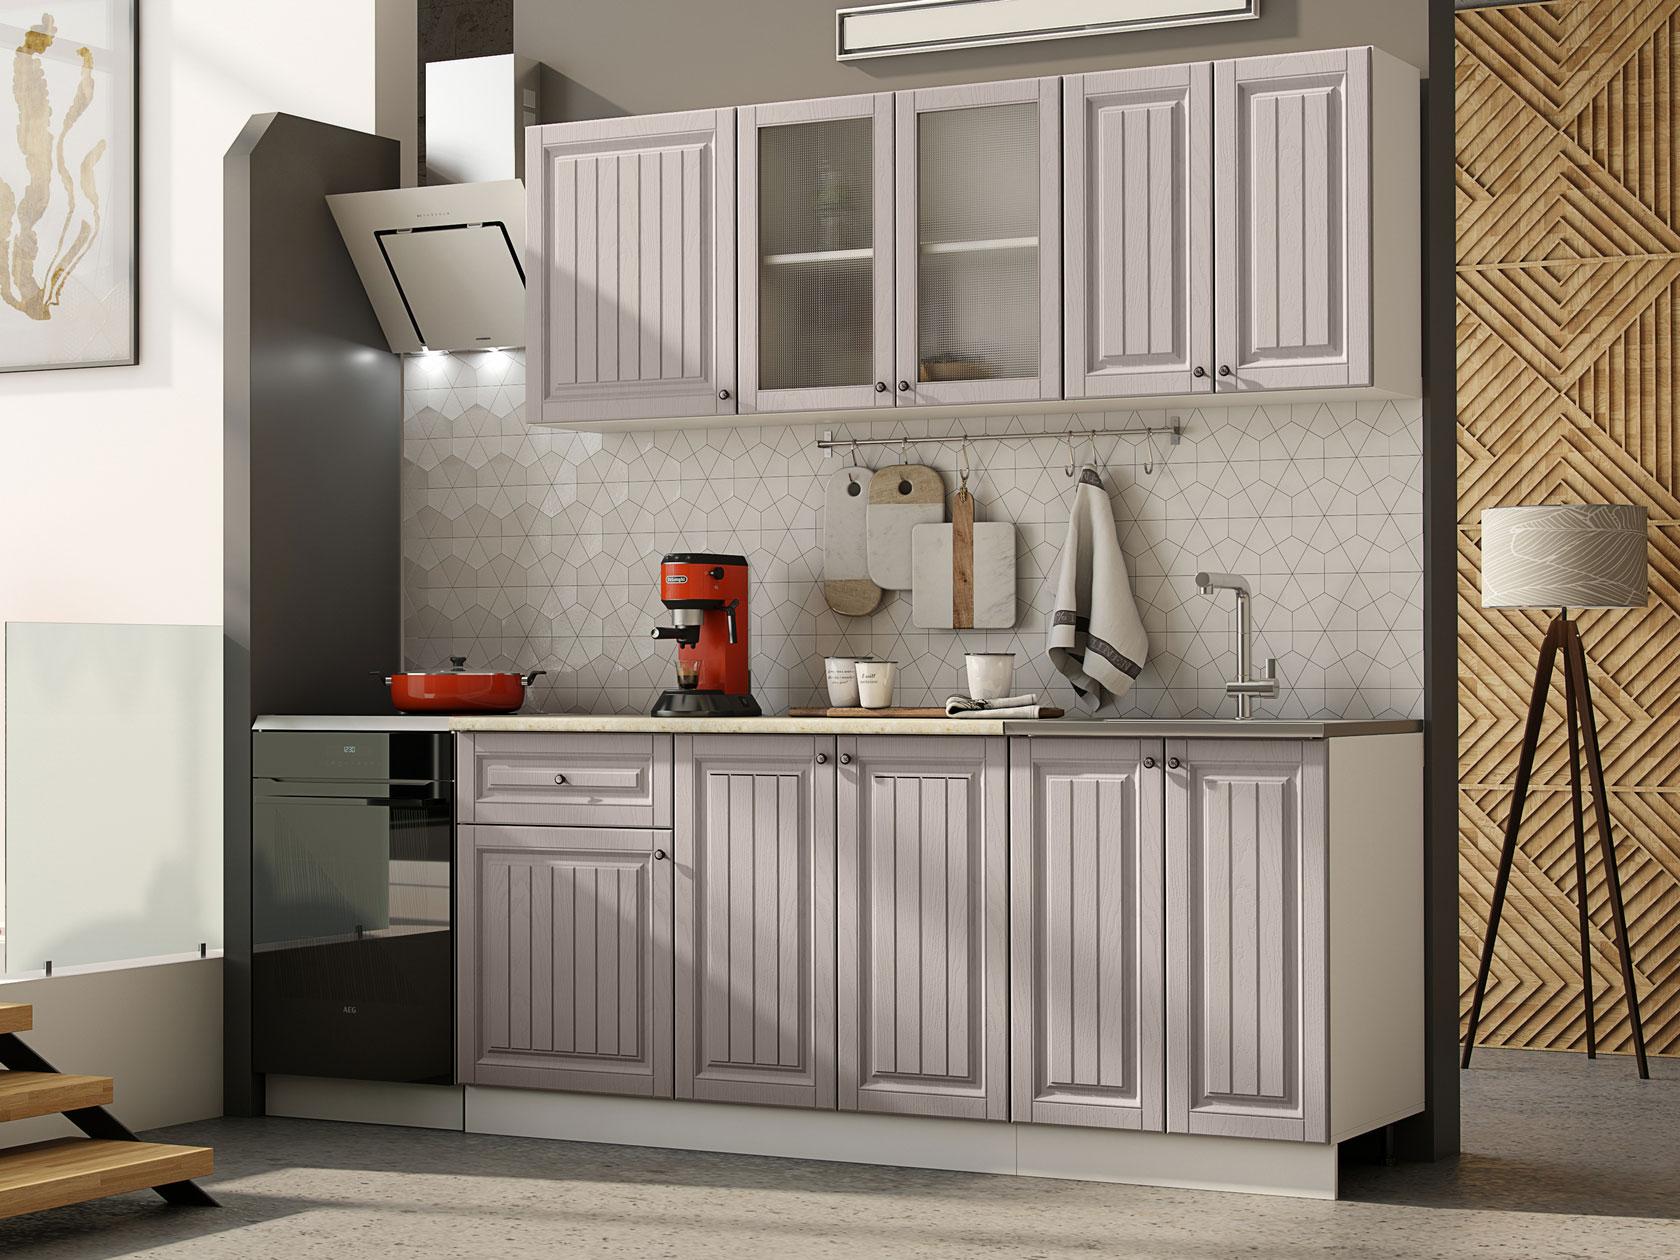 Кухонный гарнитур 179-109807